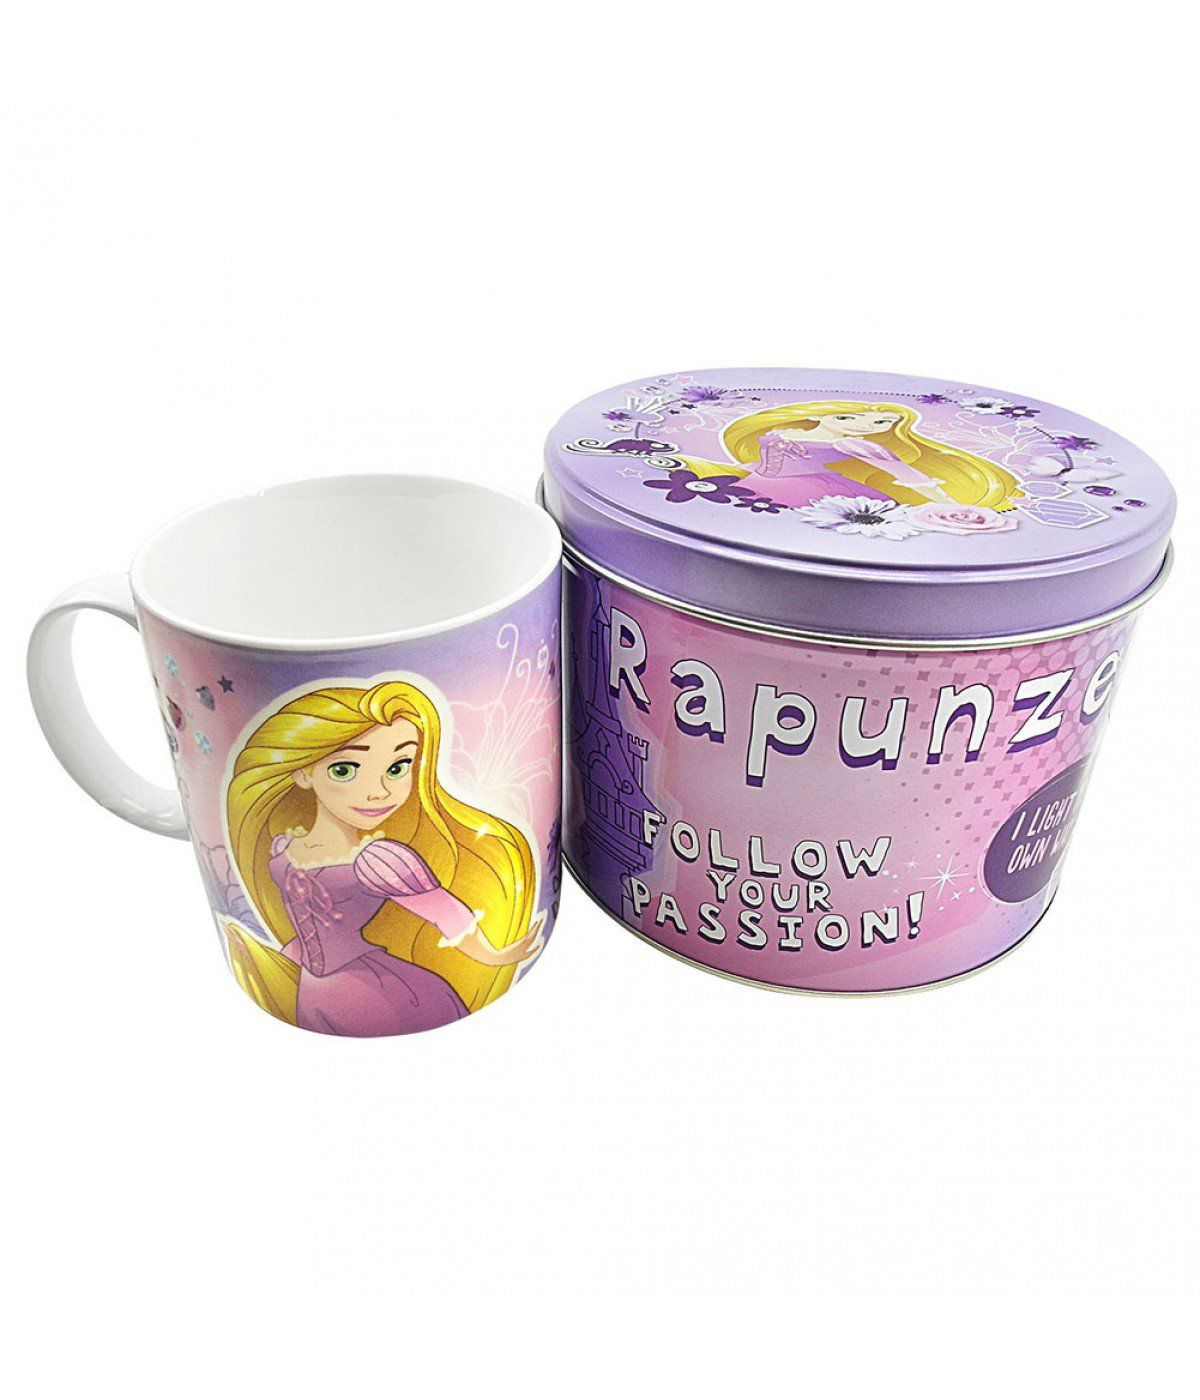 Caneca De Porcelana Na Lata Rapunzel: Princesas Disney (350ml)